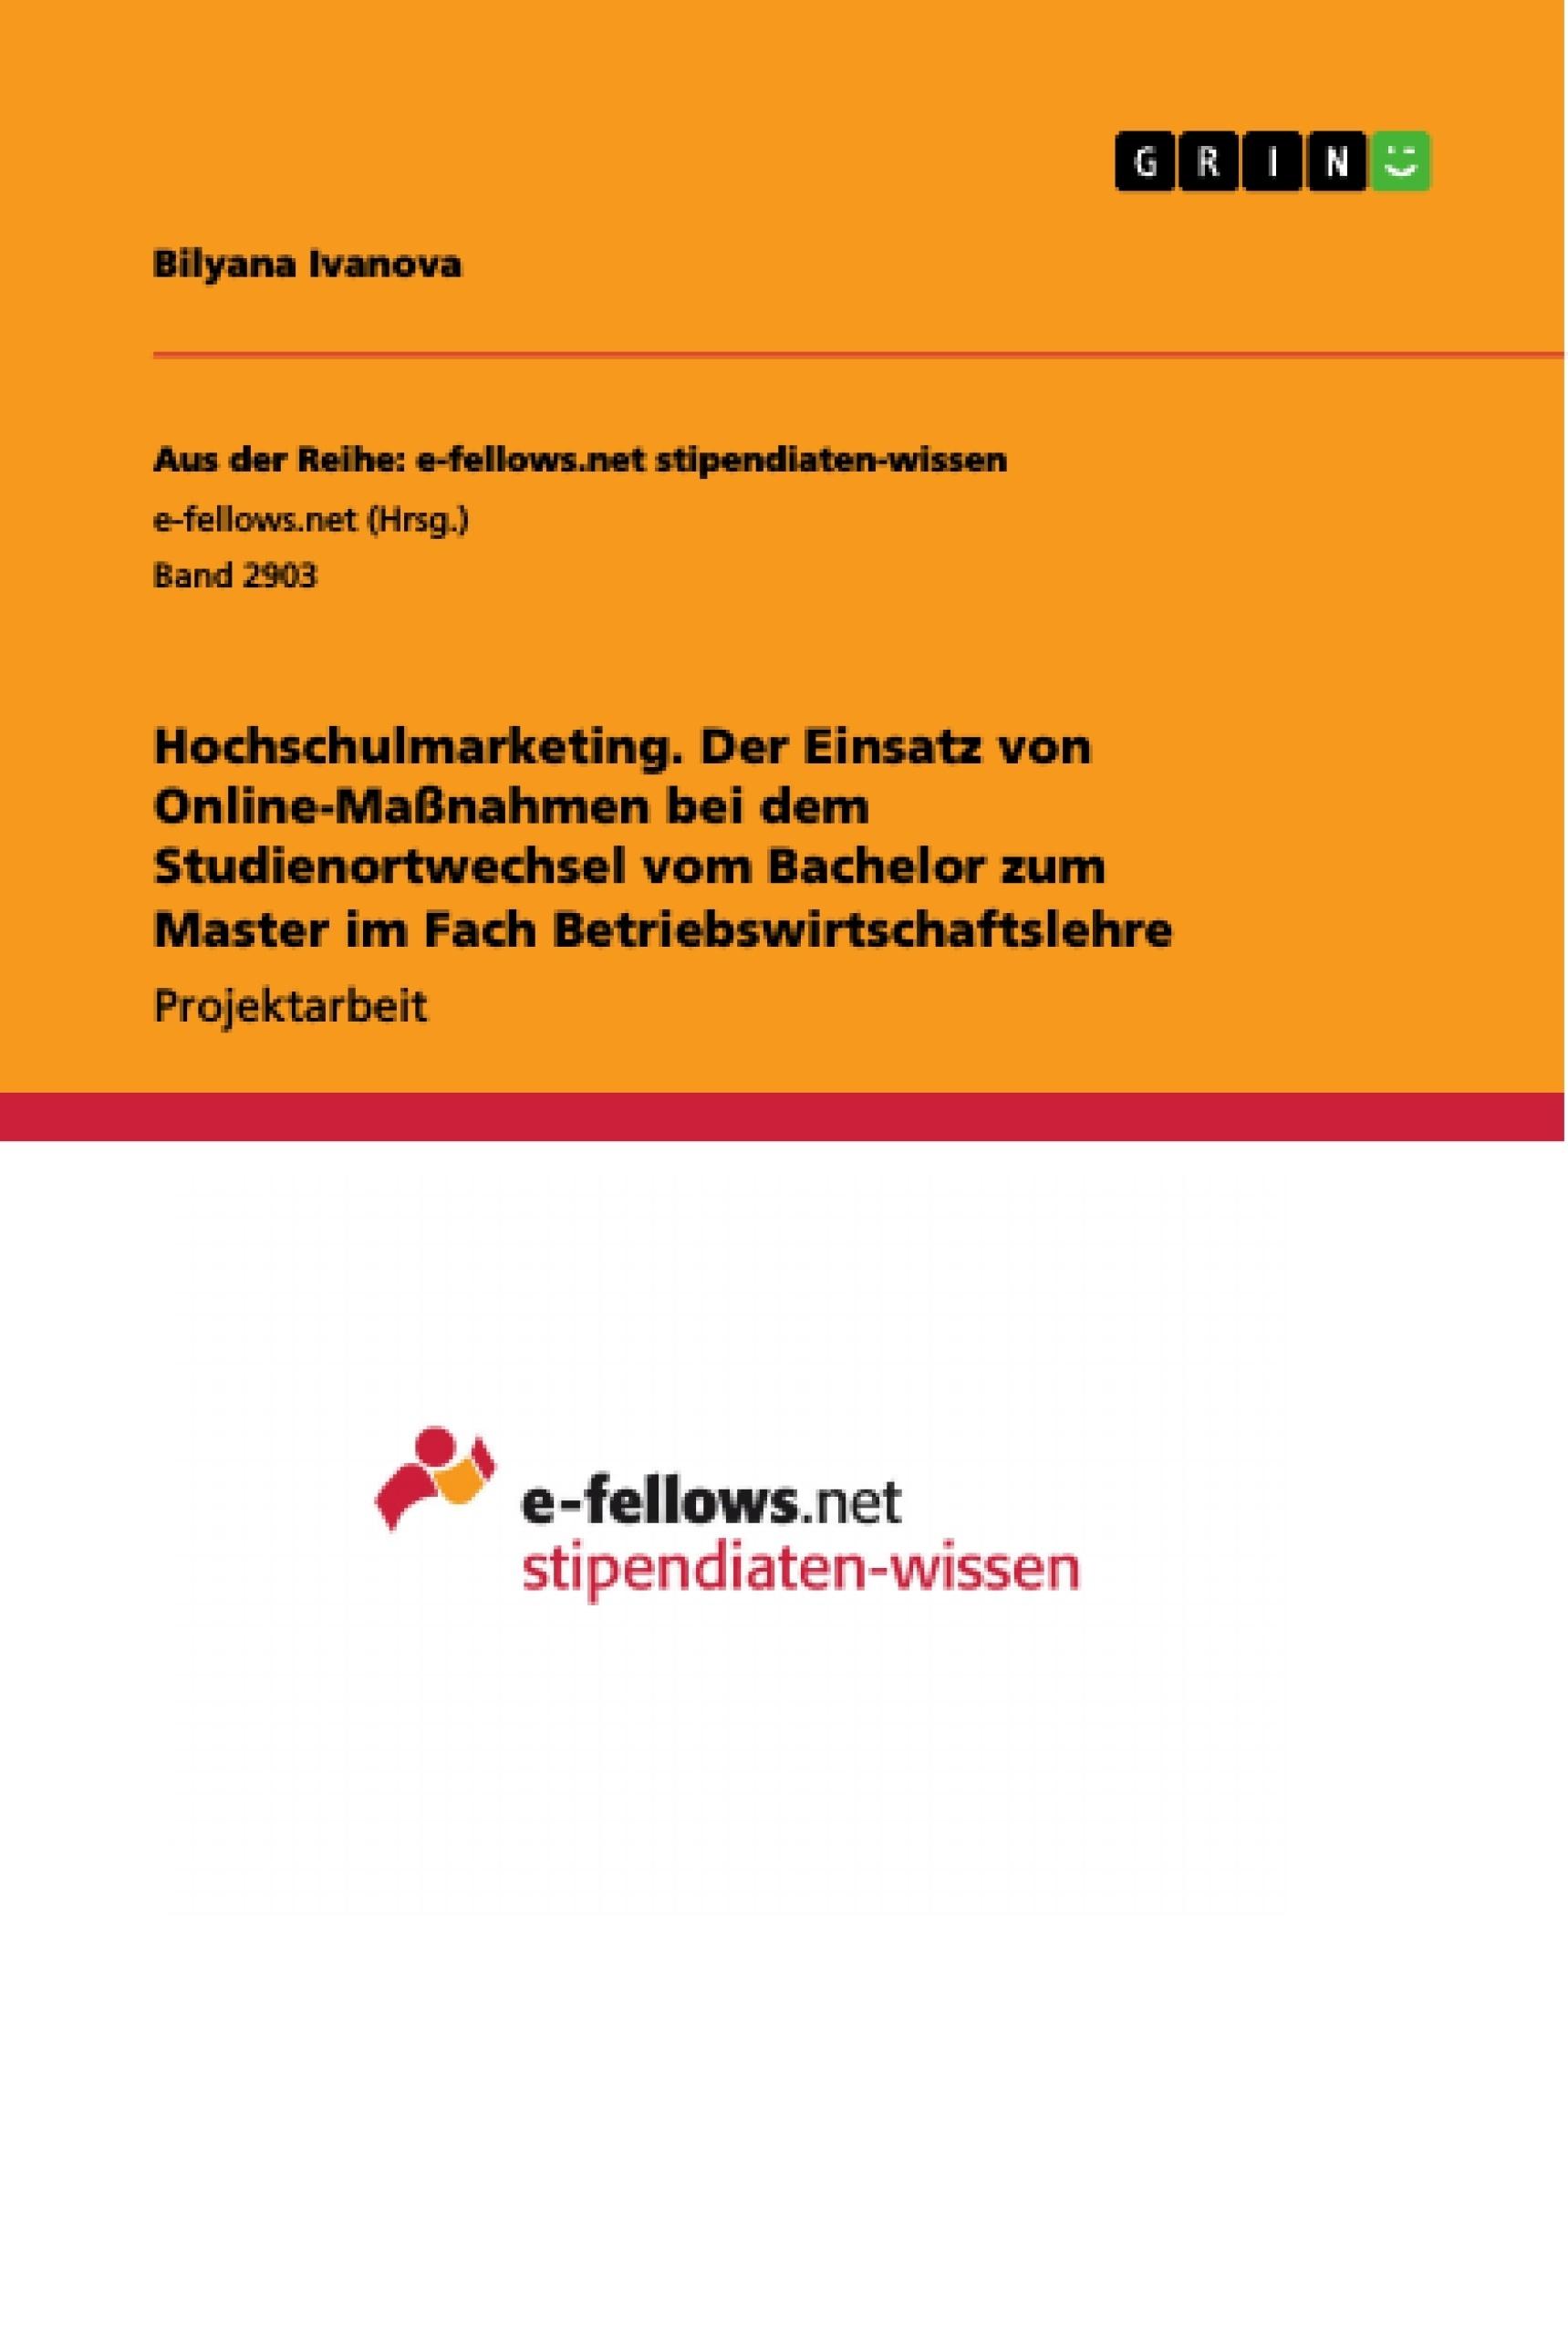 Titel: Hochschulmarketing. Der Einsatz von Online-Maßnahmen bei dem Studienortwechsel vom Bachelor zum Master im Fach Betriebswirtschaftslehre